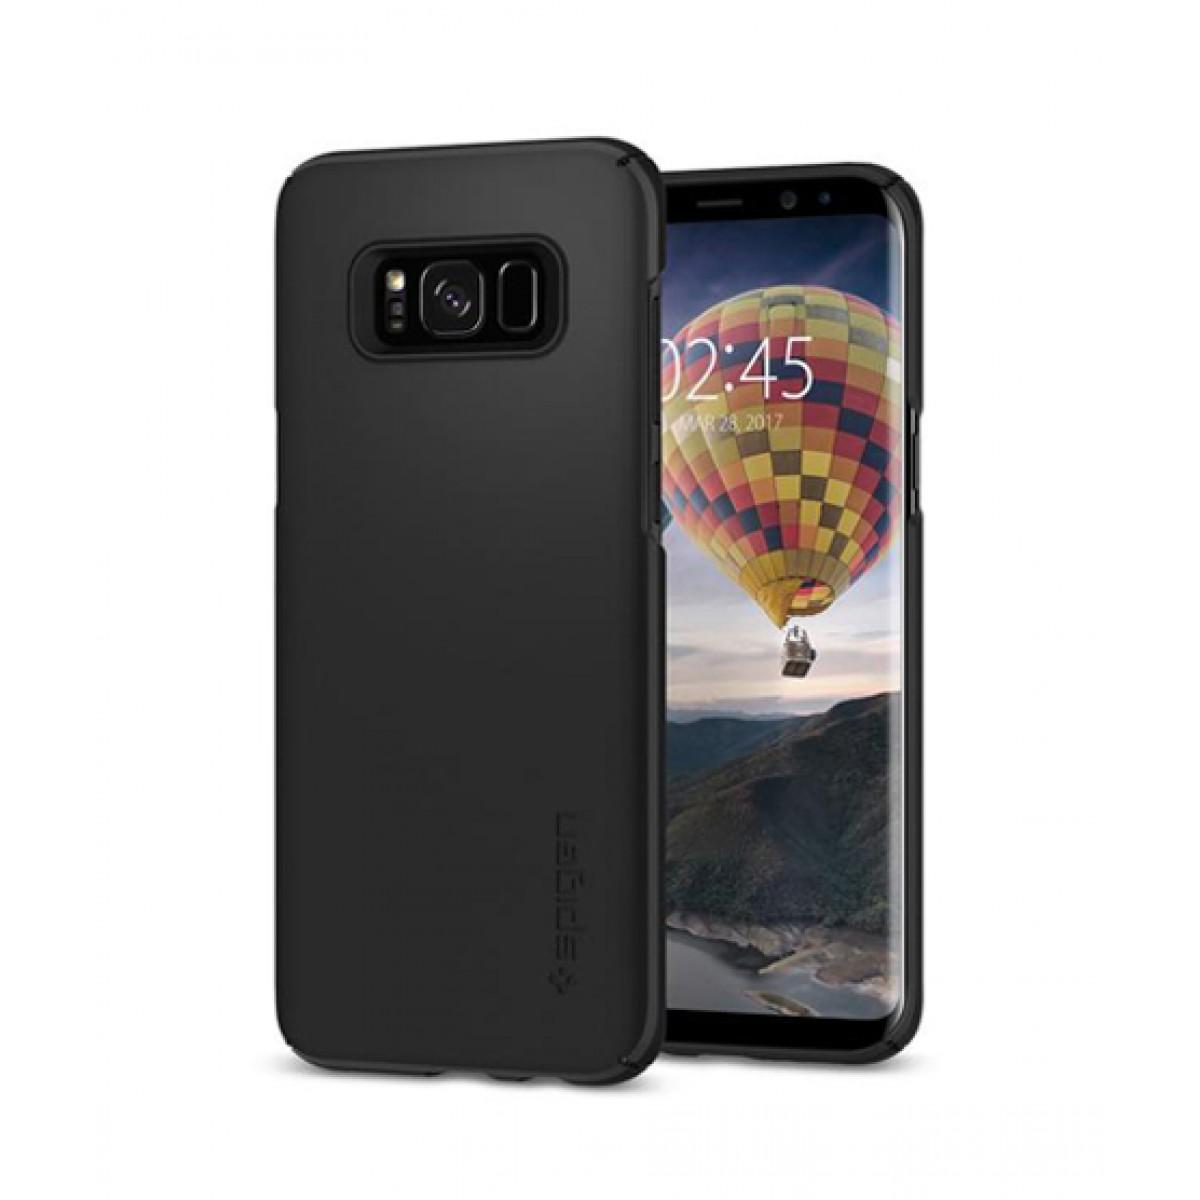 brand new 90282 db7f4 Spigen Thin Fit Black Case For Galaxy S8